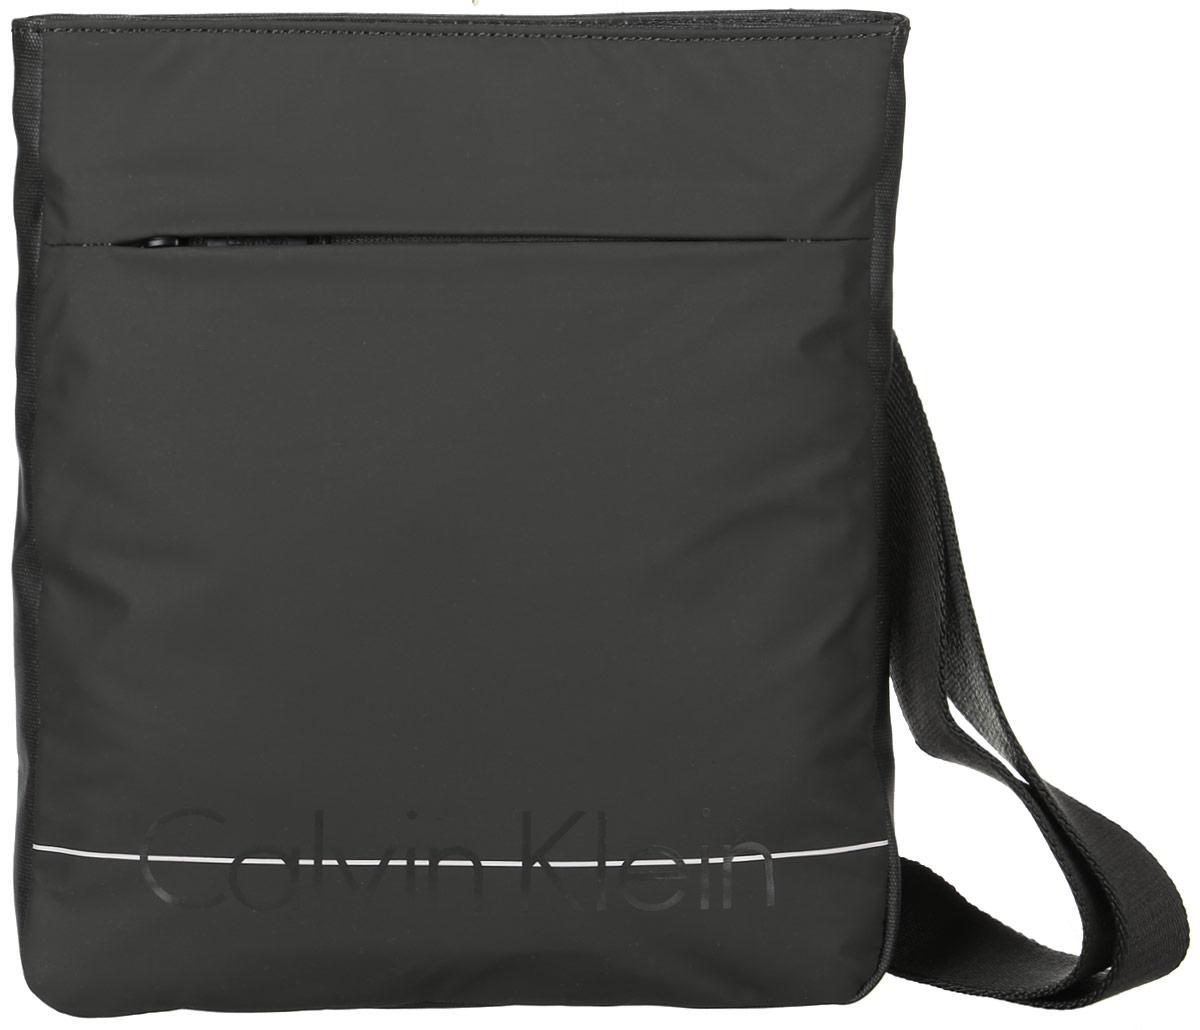 Сумка мужская Calvin Klein Jeans, цвет: хаки. K50K502044_3130A16-42010_205Стильная сумка Calvin Klein не оставит вас равнодушным благодаря своему дизайну. Она изготовлена из качественного полиуретана и оформлена надписью с названием бренда. На лицевой стороне расположен вшитый карман на молнии. Тыльная сторона дополнена текстильной противоударной вставкой. Сумка оснащена удобным плечевым ремнем, длину которого можно регулировать с помощью пряжки. Изделие закрывается на удобную молнию. Внутри расположено главное отделение, которое содержит один открытый накладной карман. Такая сумка станет незаменимой вещью в вашем гардеробе.